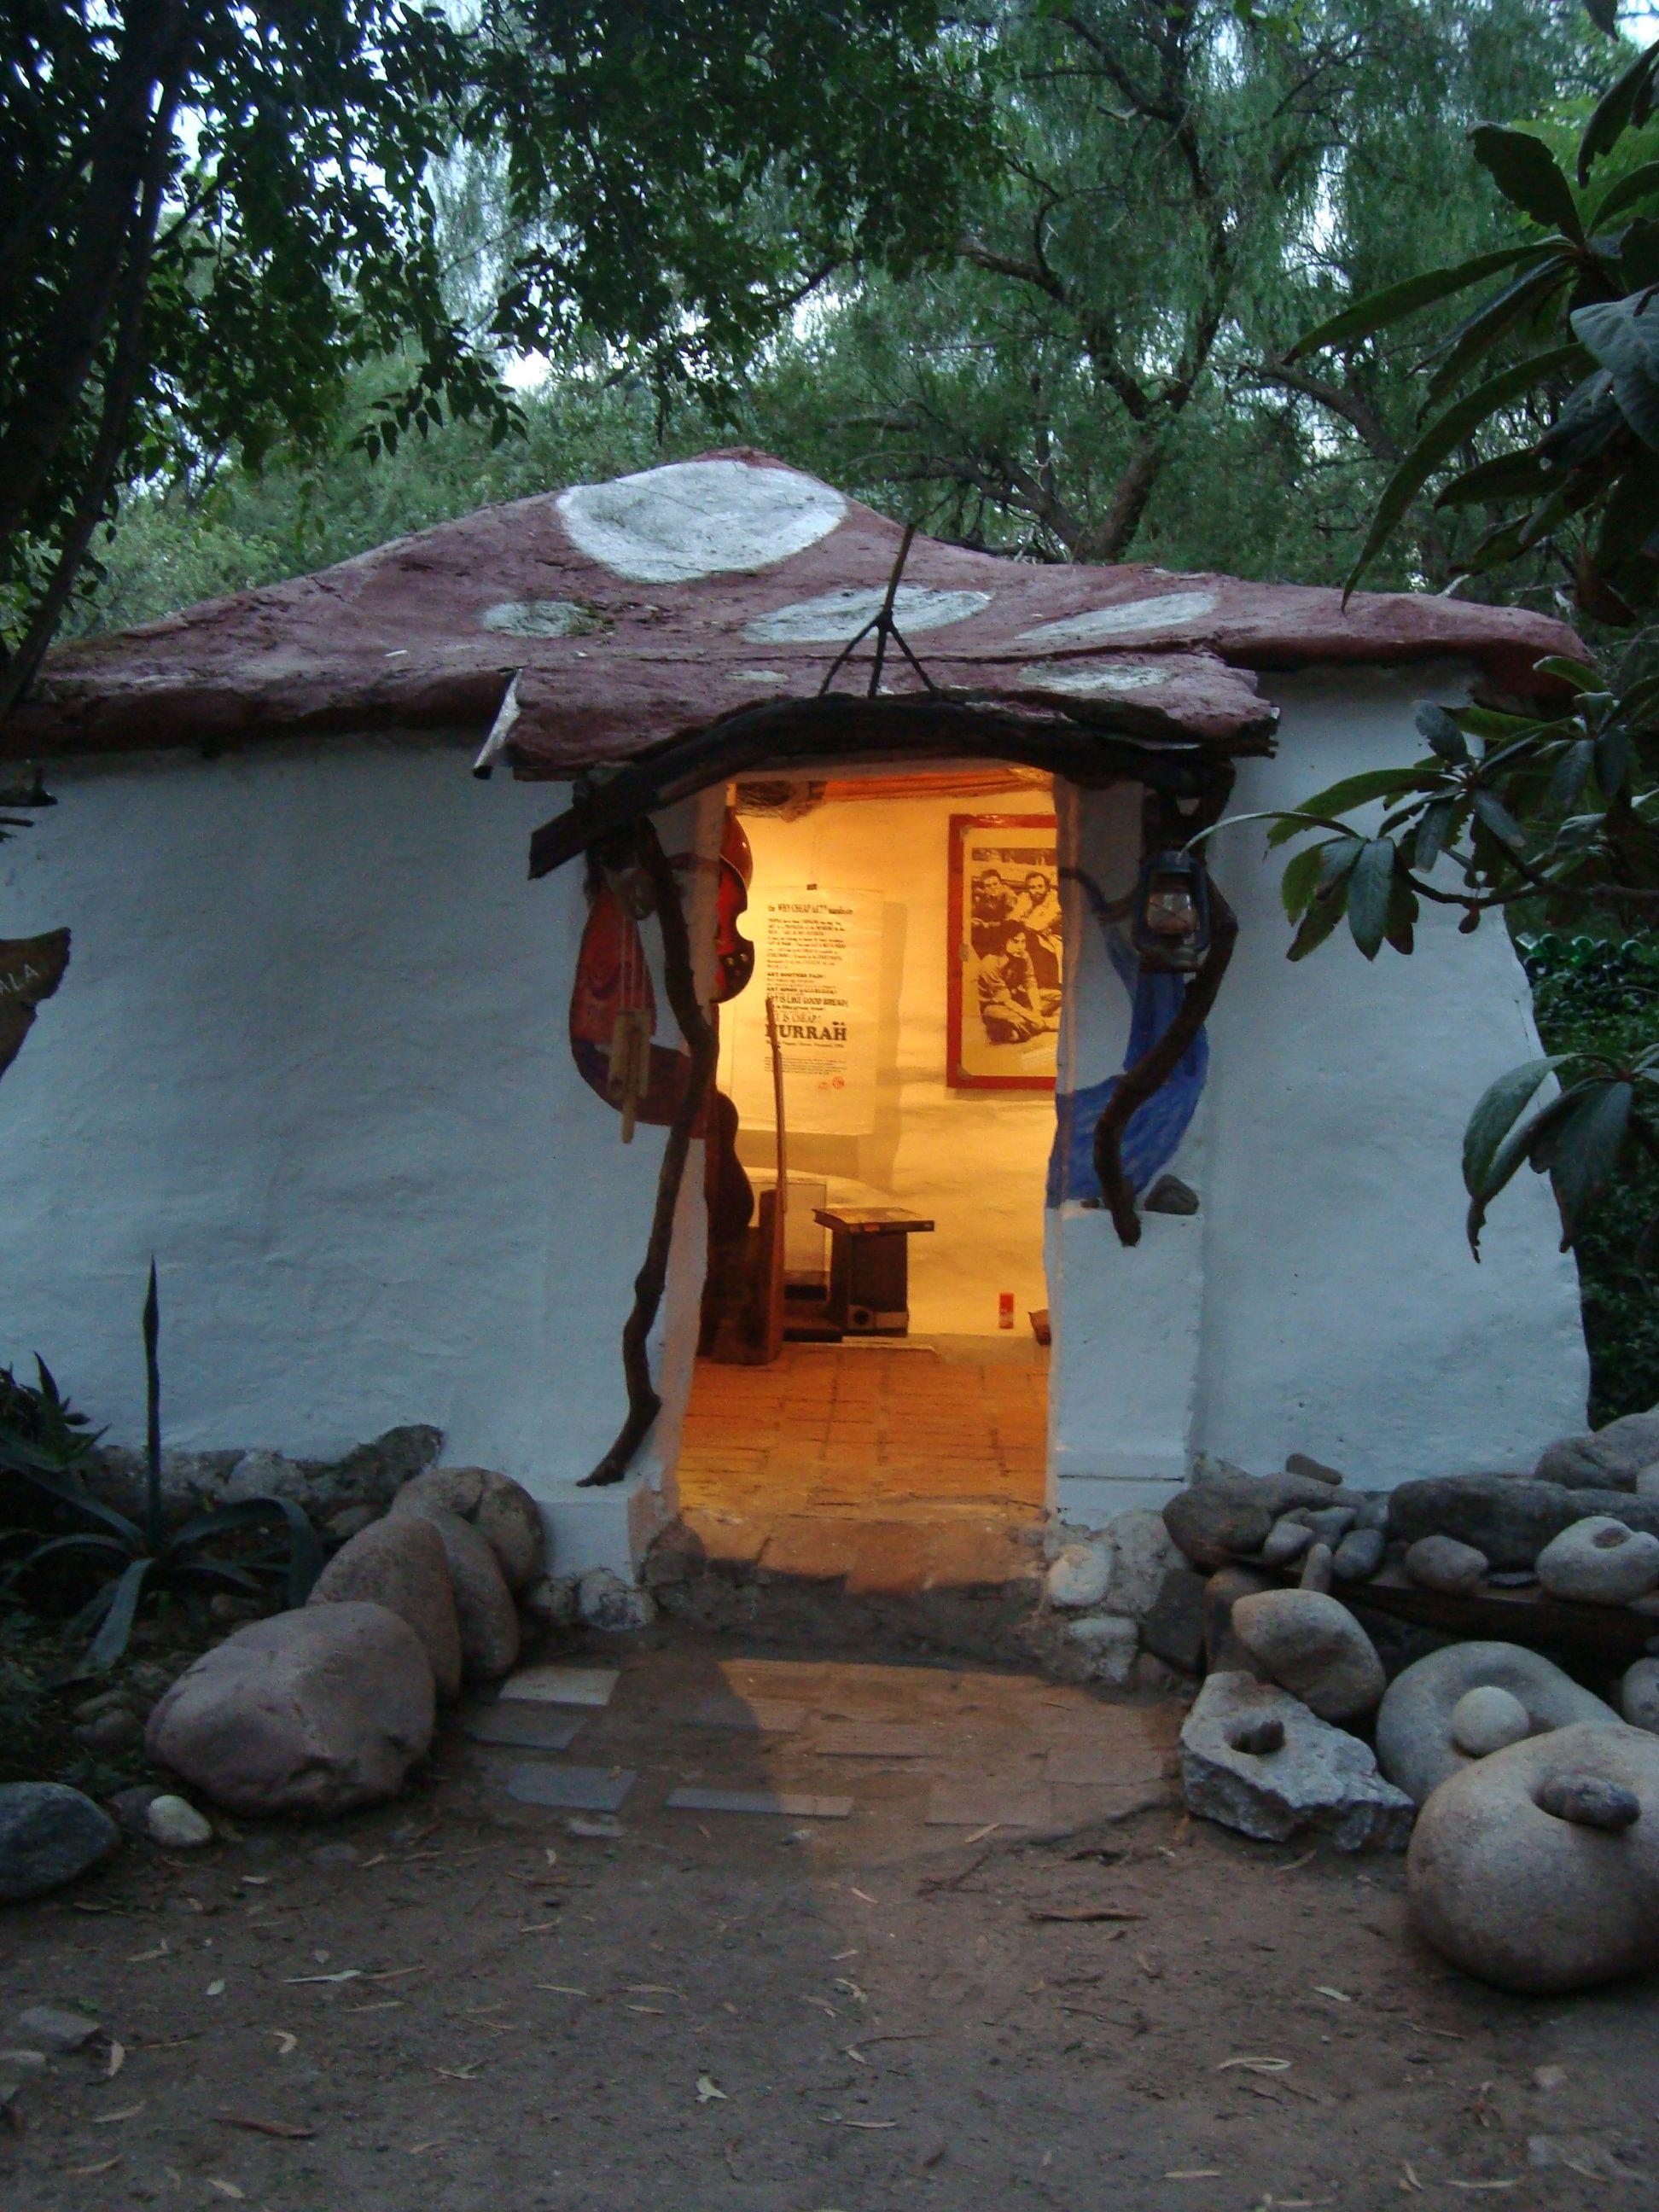 Museo Hippie (Hippie Museum). San Marcos Sierra. Cordoba. Argentina ...